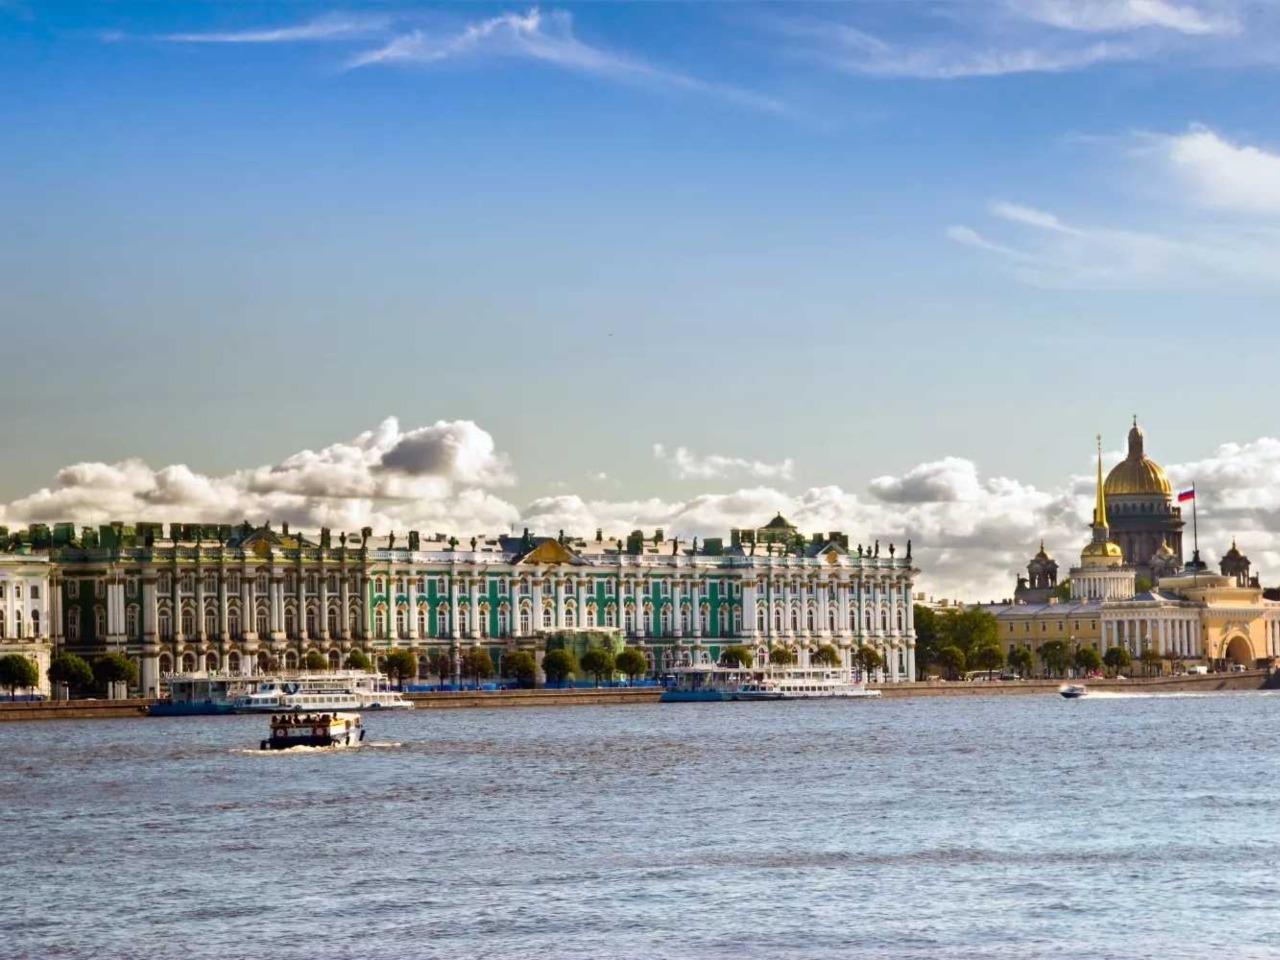 Обзорная по городу на Неве с теплоходной прогулкой - групповая экскурсия по Санкт-Петербургу от опытного гида